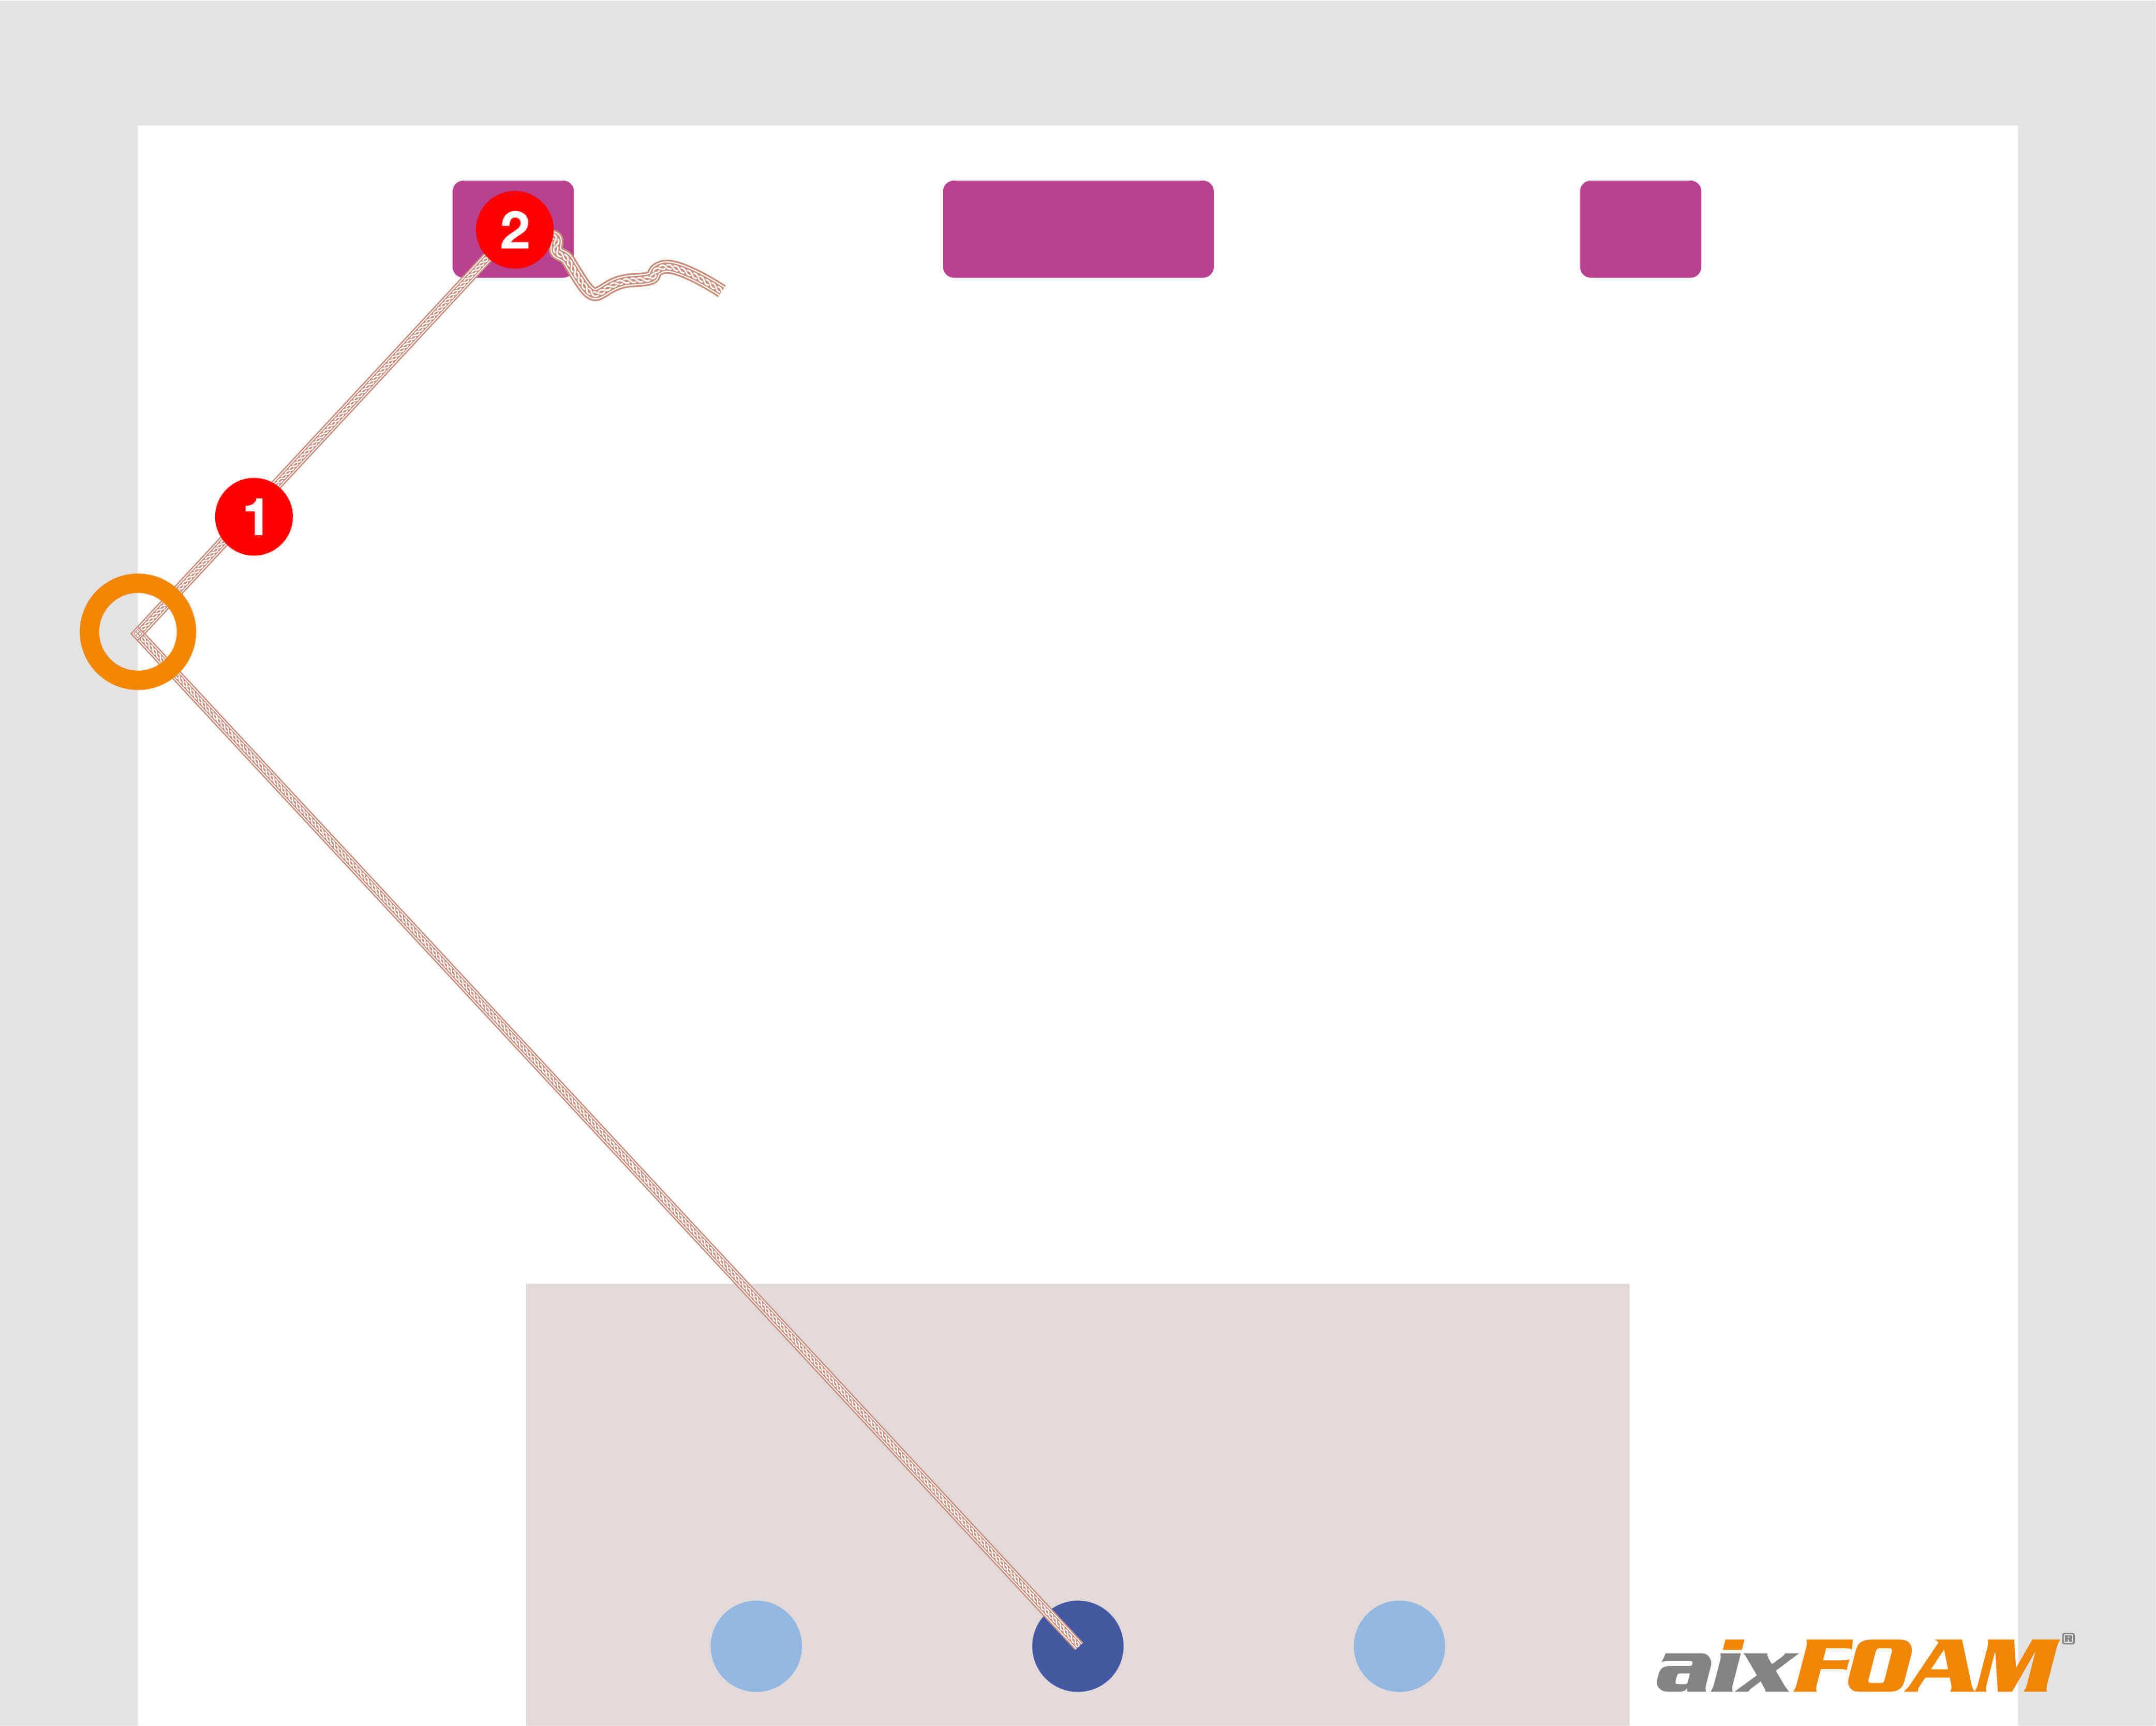 Vaihe 3: Solmun nro 2 kiinnitys kaiuttimeen, löysänä olevan narun vetäminen seinään kiinni ja siten heijastumiskohdan määritys